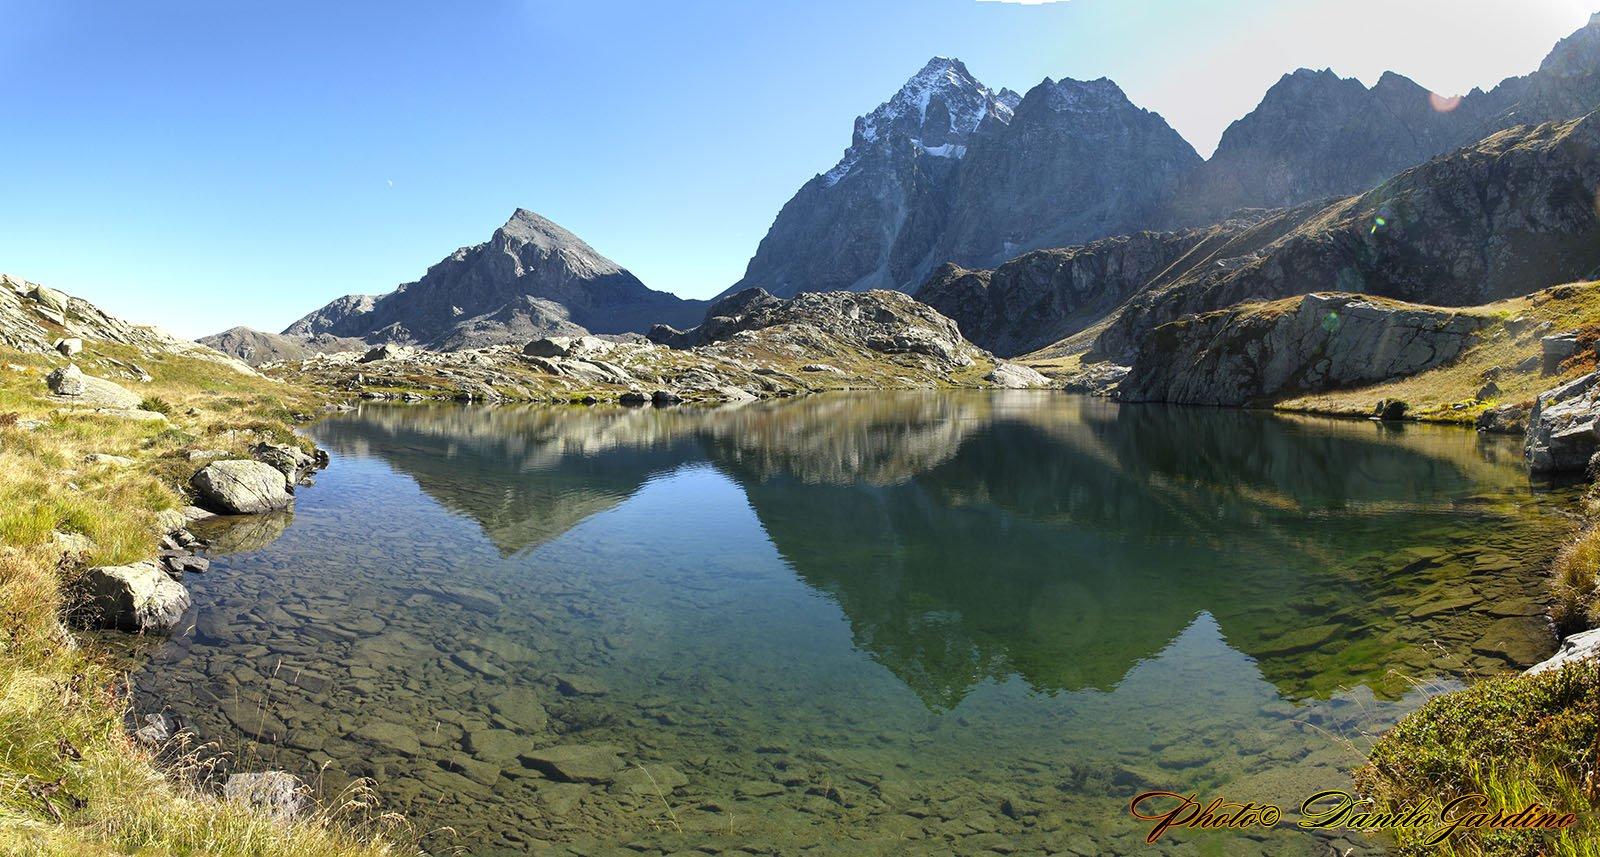 Dal Lago Superiore il panorama